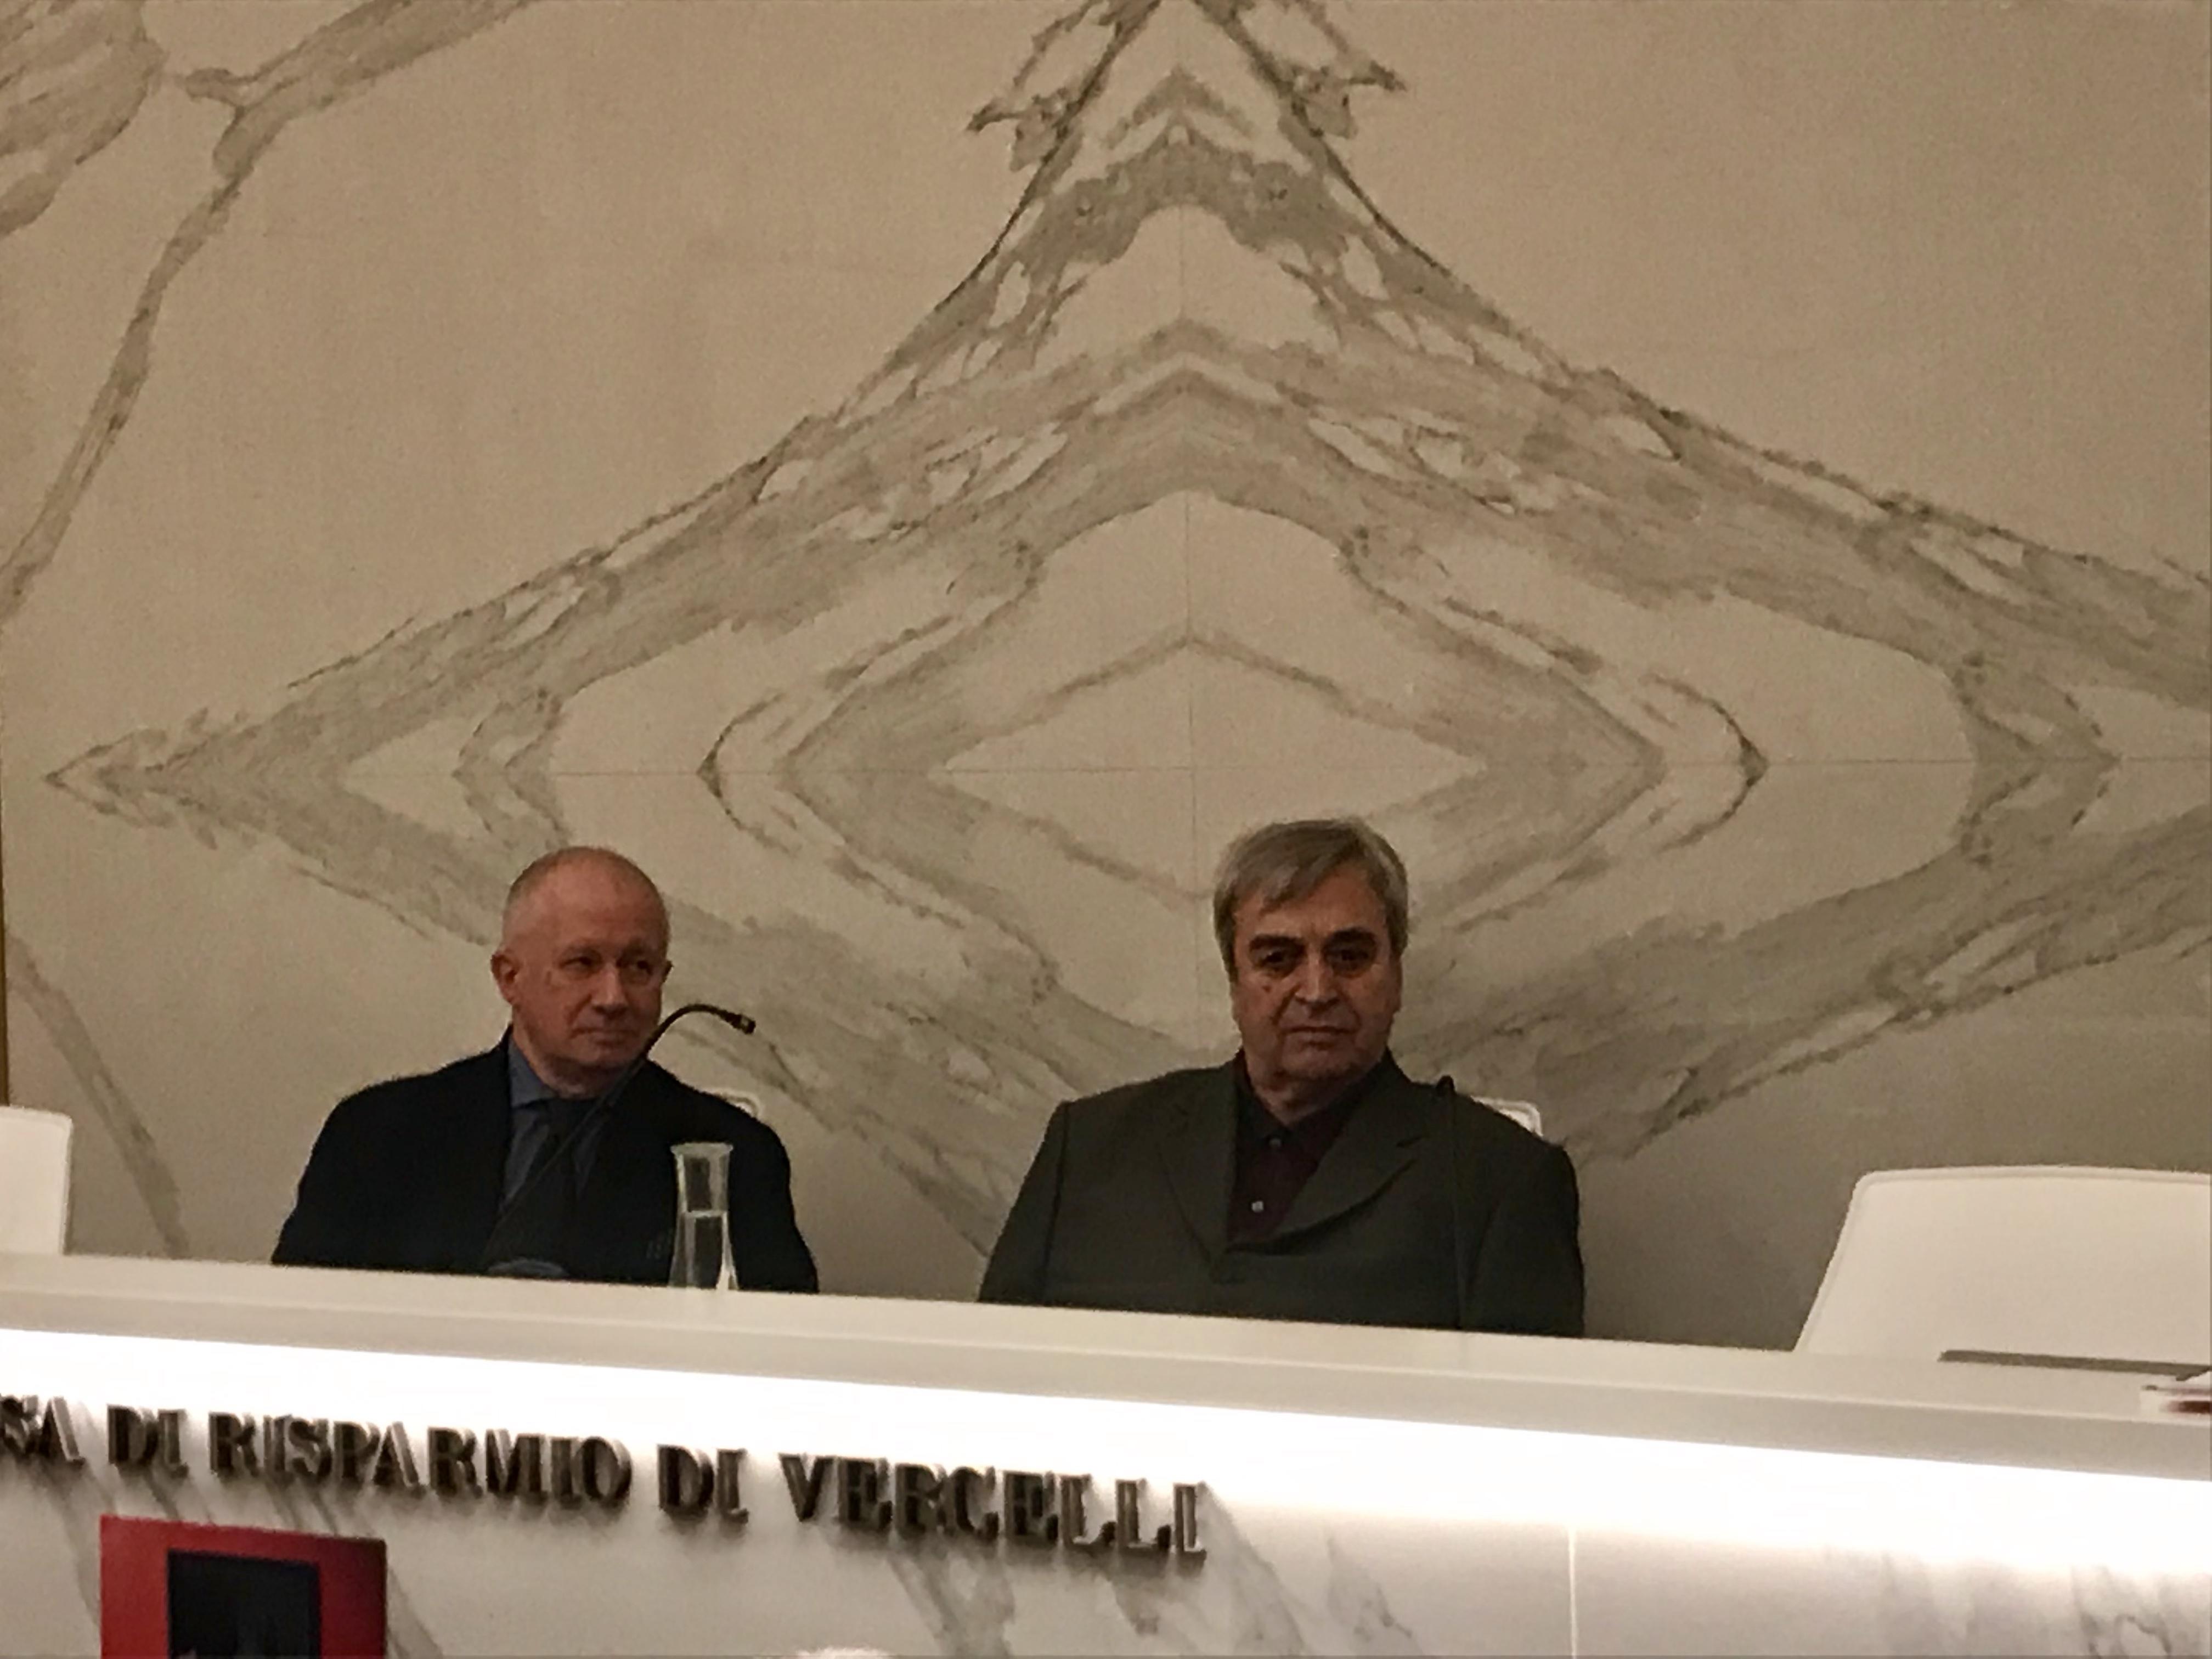 L'Umberto Ravello enigmatico e melanconico di Angelo Gilardino - tgvercelli.it